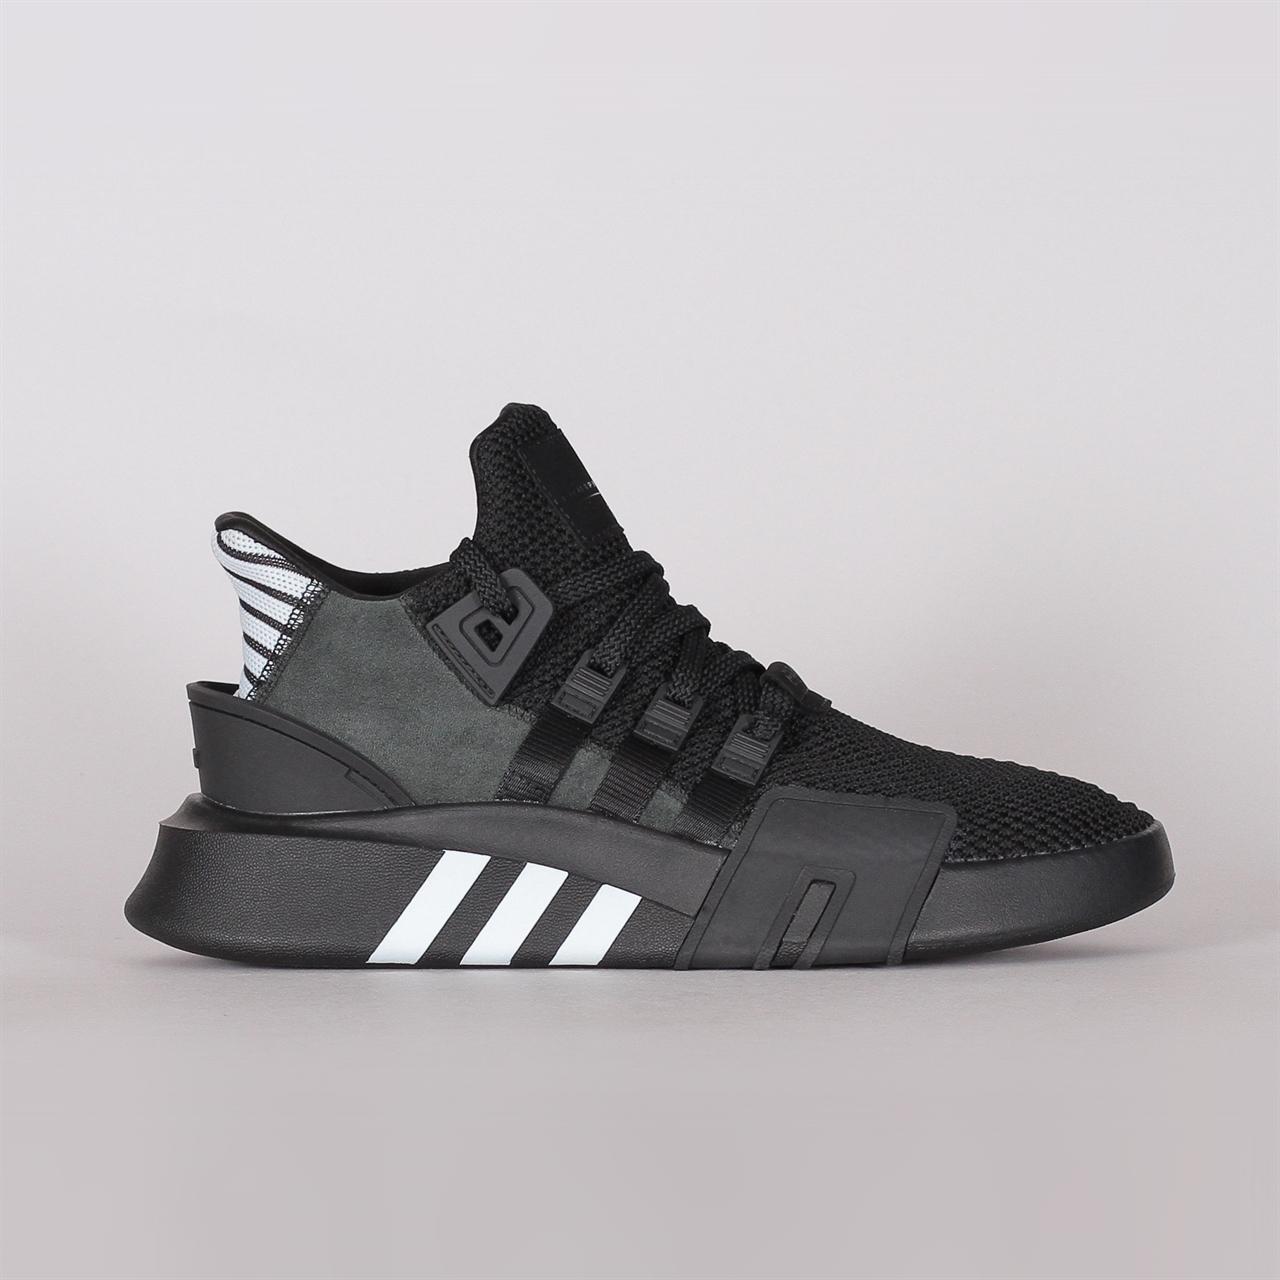 timeless design 8ec9d b1c9a Adidas OriginalsAdidas Originals EQT Basket EDV (CQ2991). 1